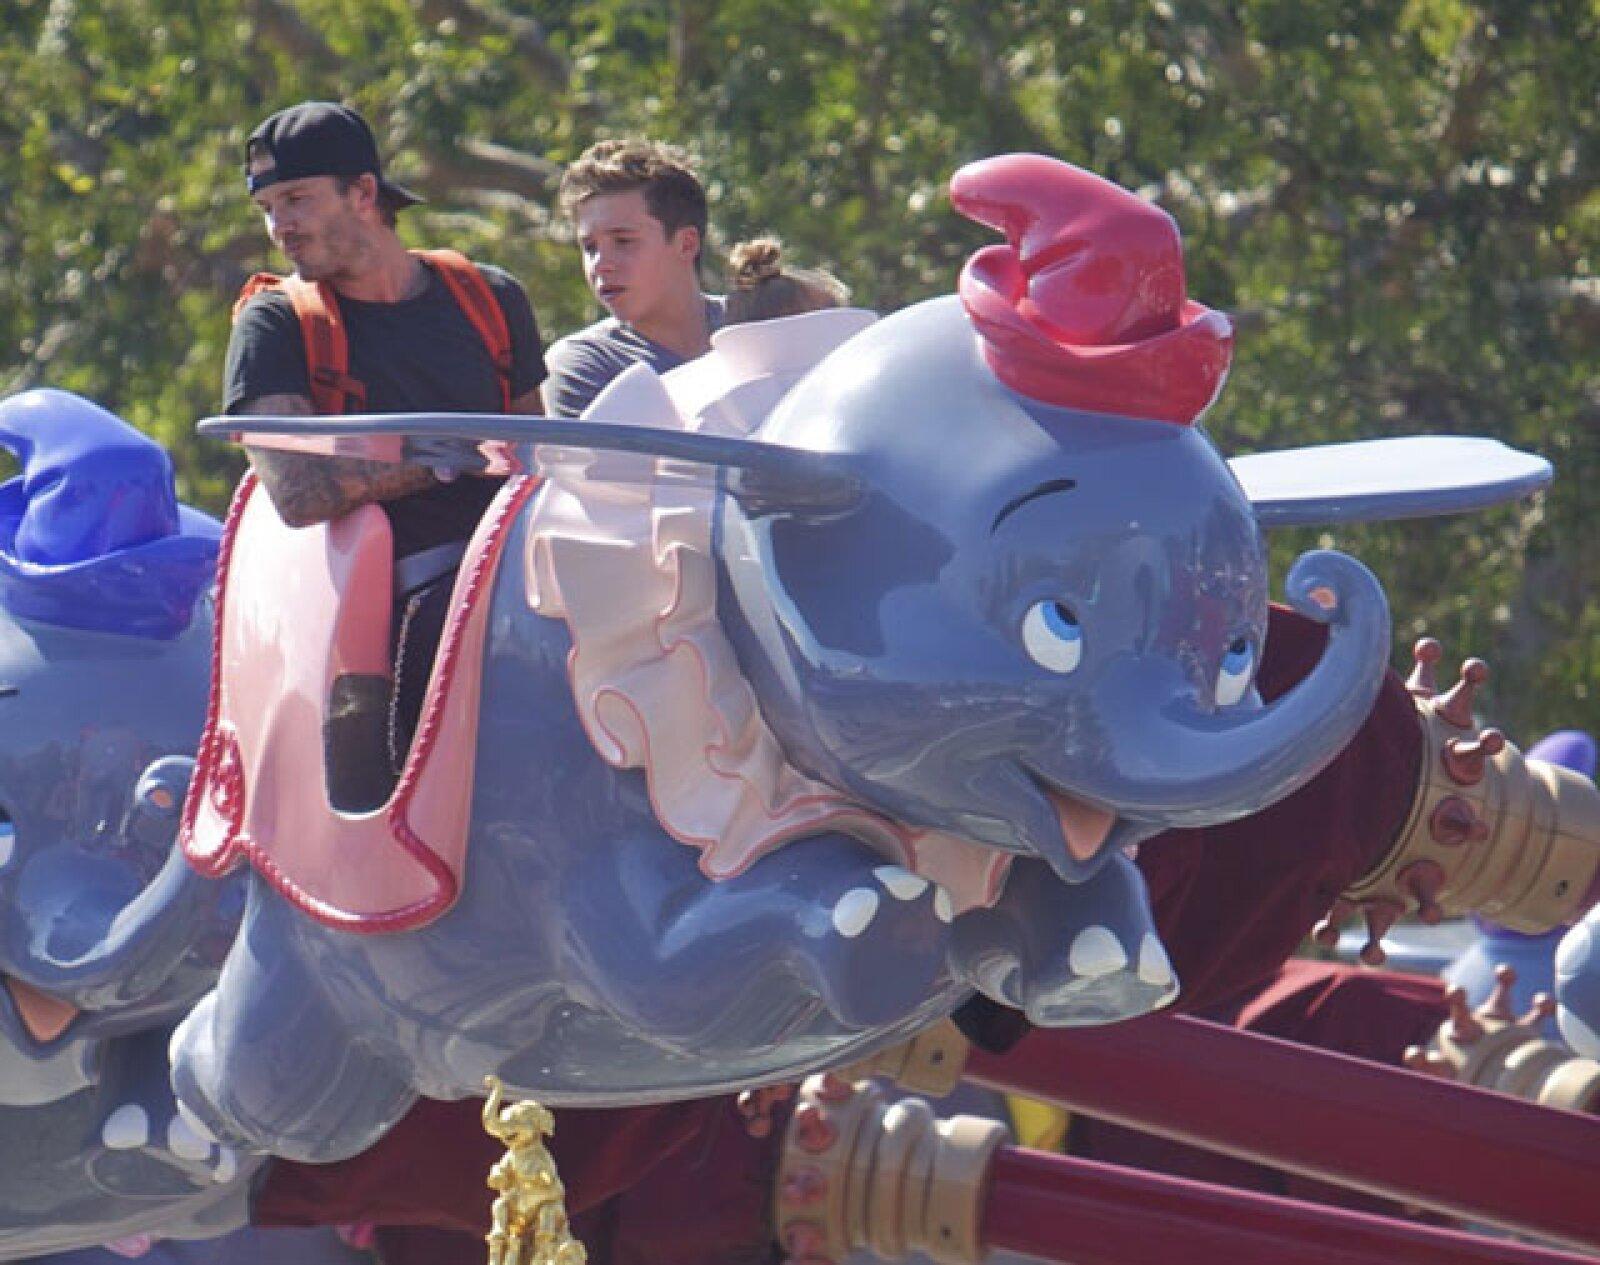 La familia disfrutó la tarde en el carrusel, los Dumbos voladores y otras atracciones aptas para la pequeña Harper.